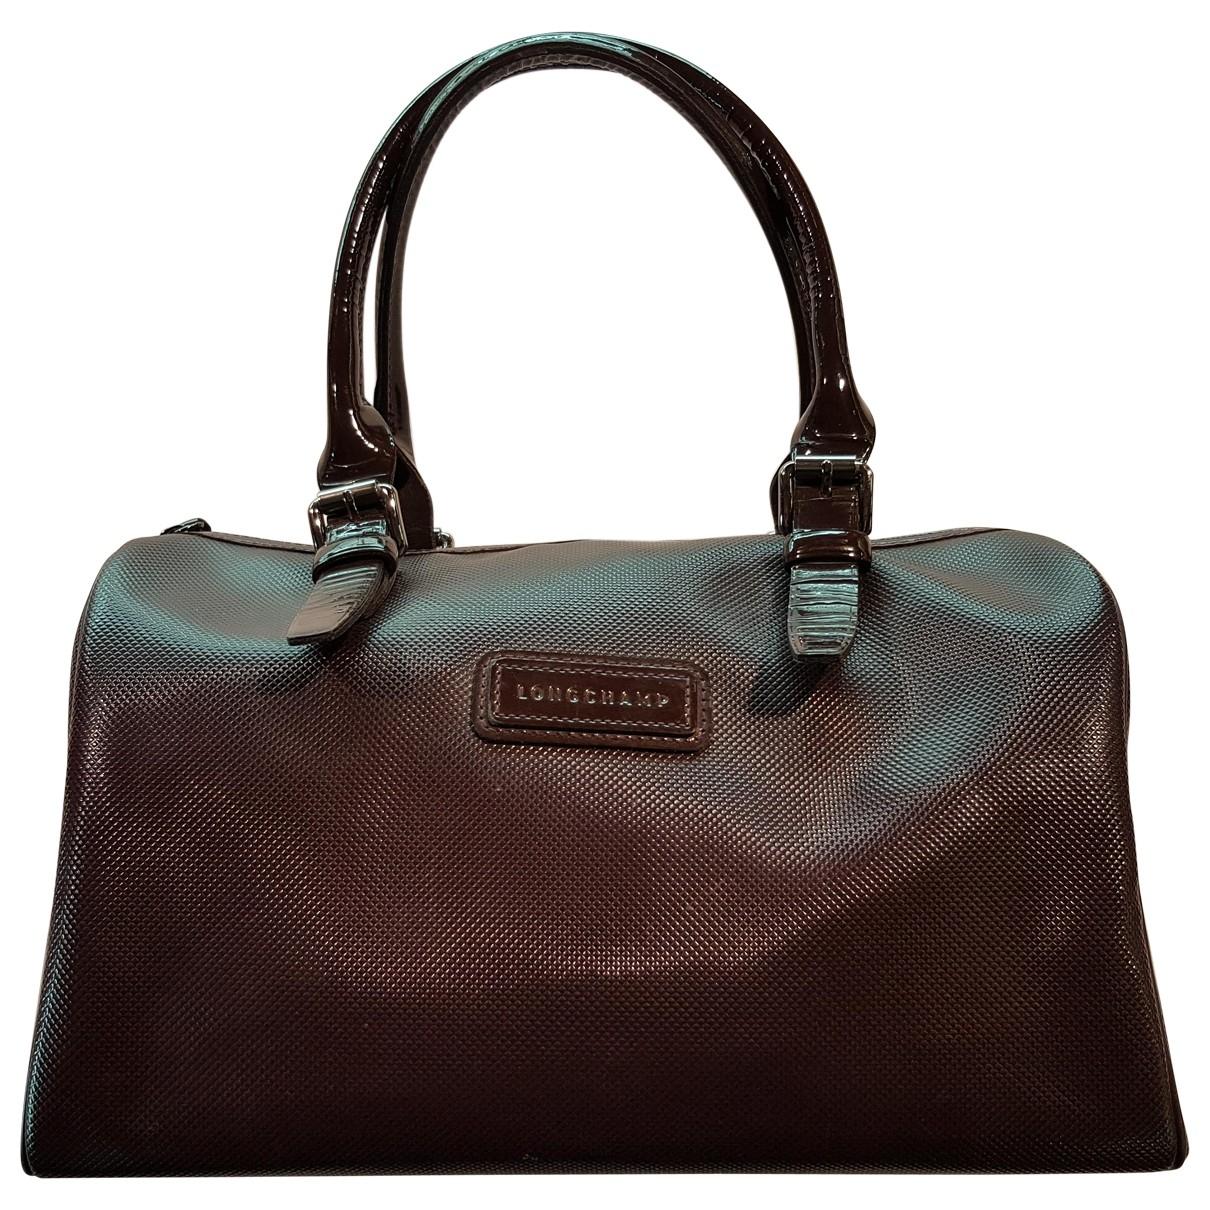 Longchamp \N Handtasche in  Bordeauxrot Synthetik